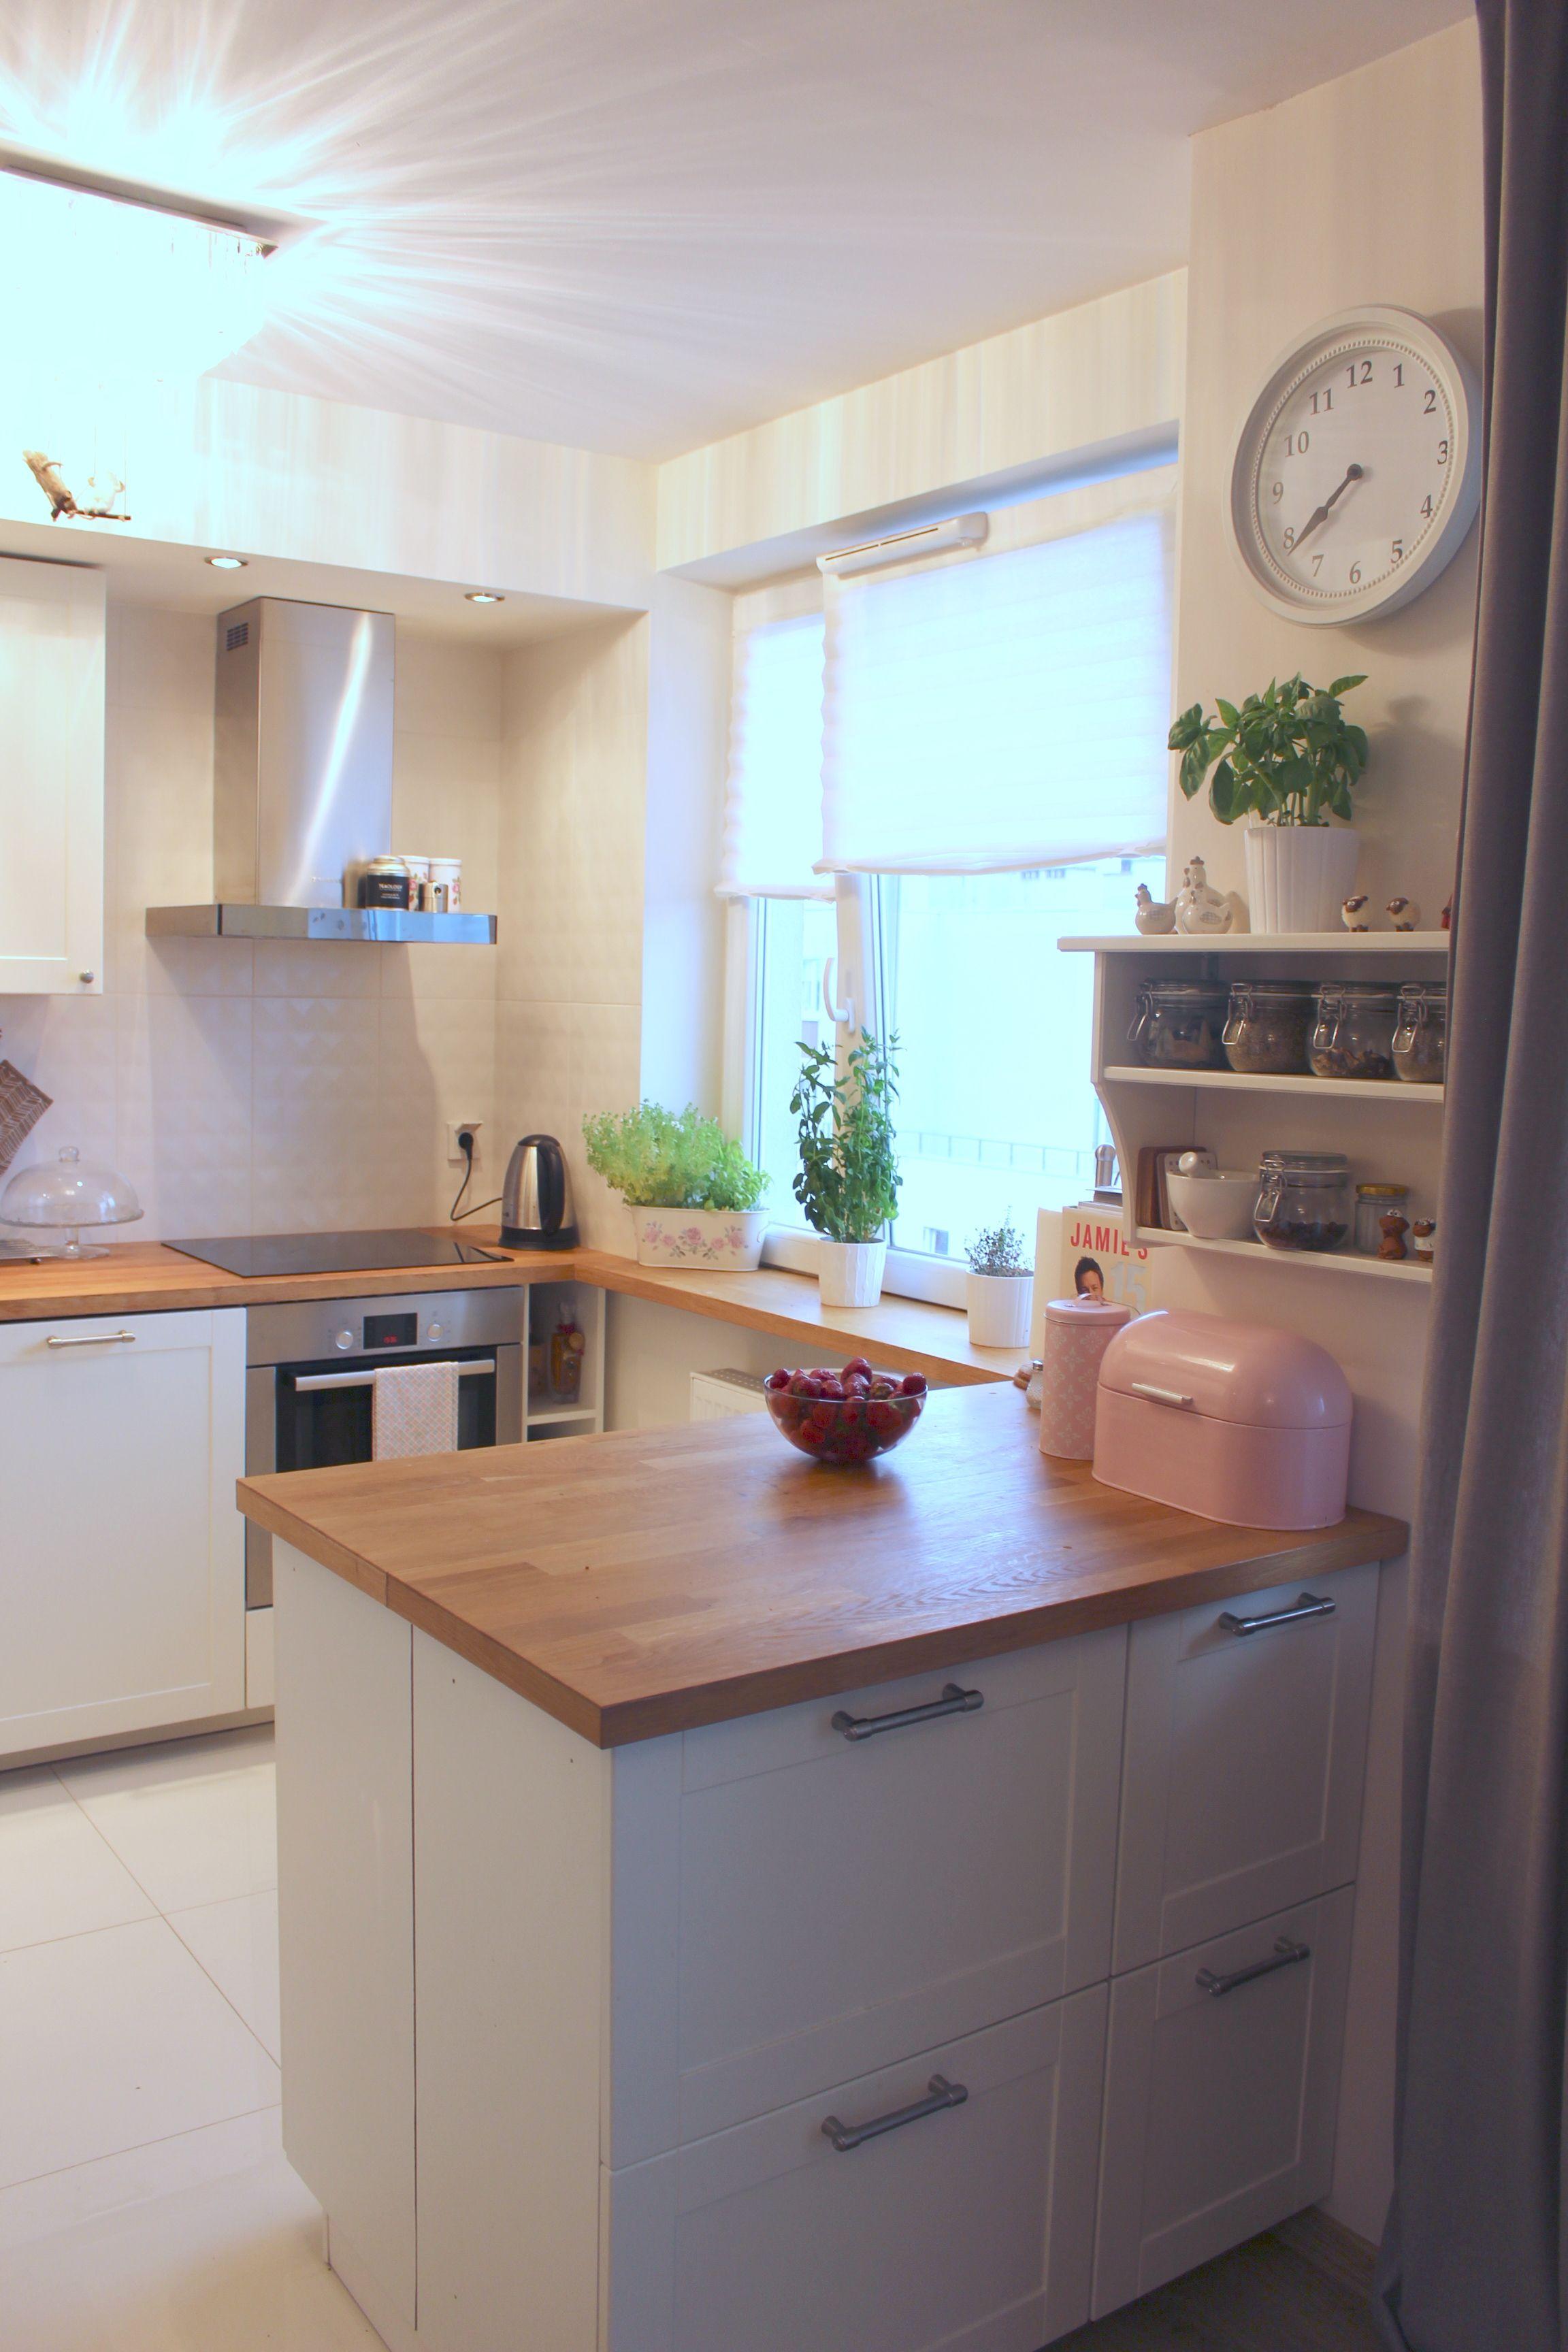 Mala Kuchnia W Bloku Czyli Jak Rozplanowac Mala Kuchnie Kuchnia